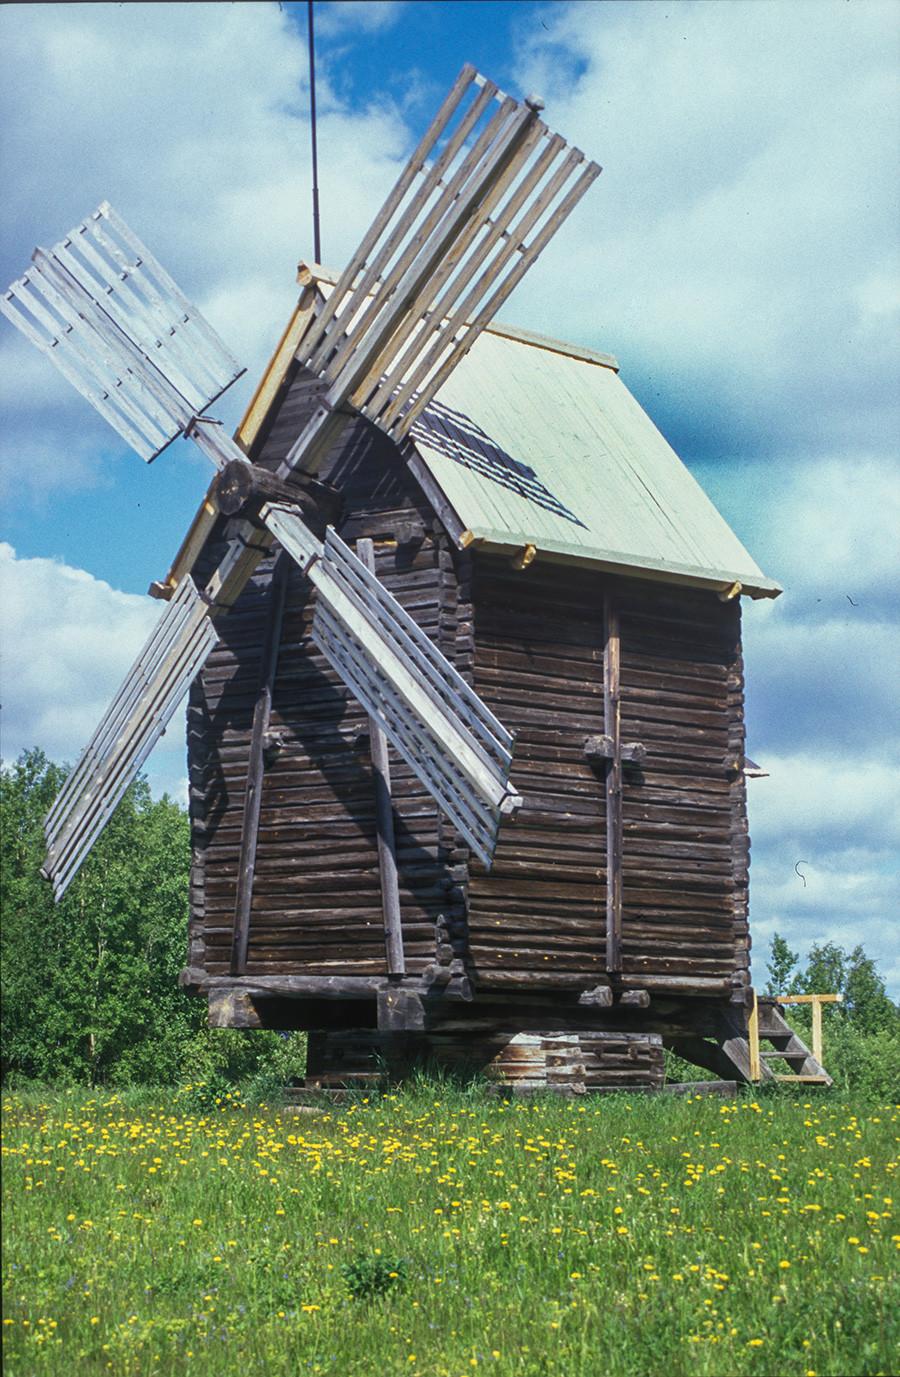 Musée Malié Korely. Moulin à vent sur pivot à l'origine situé dans le village de Kalgatchikha. La structure du moulin tourne sur une base basse